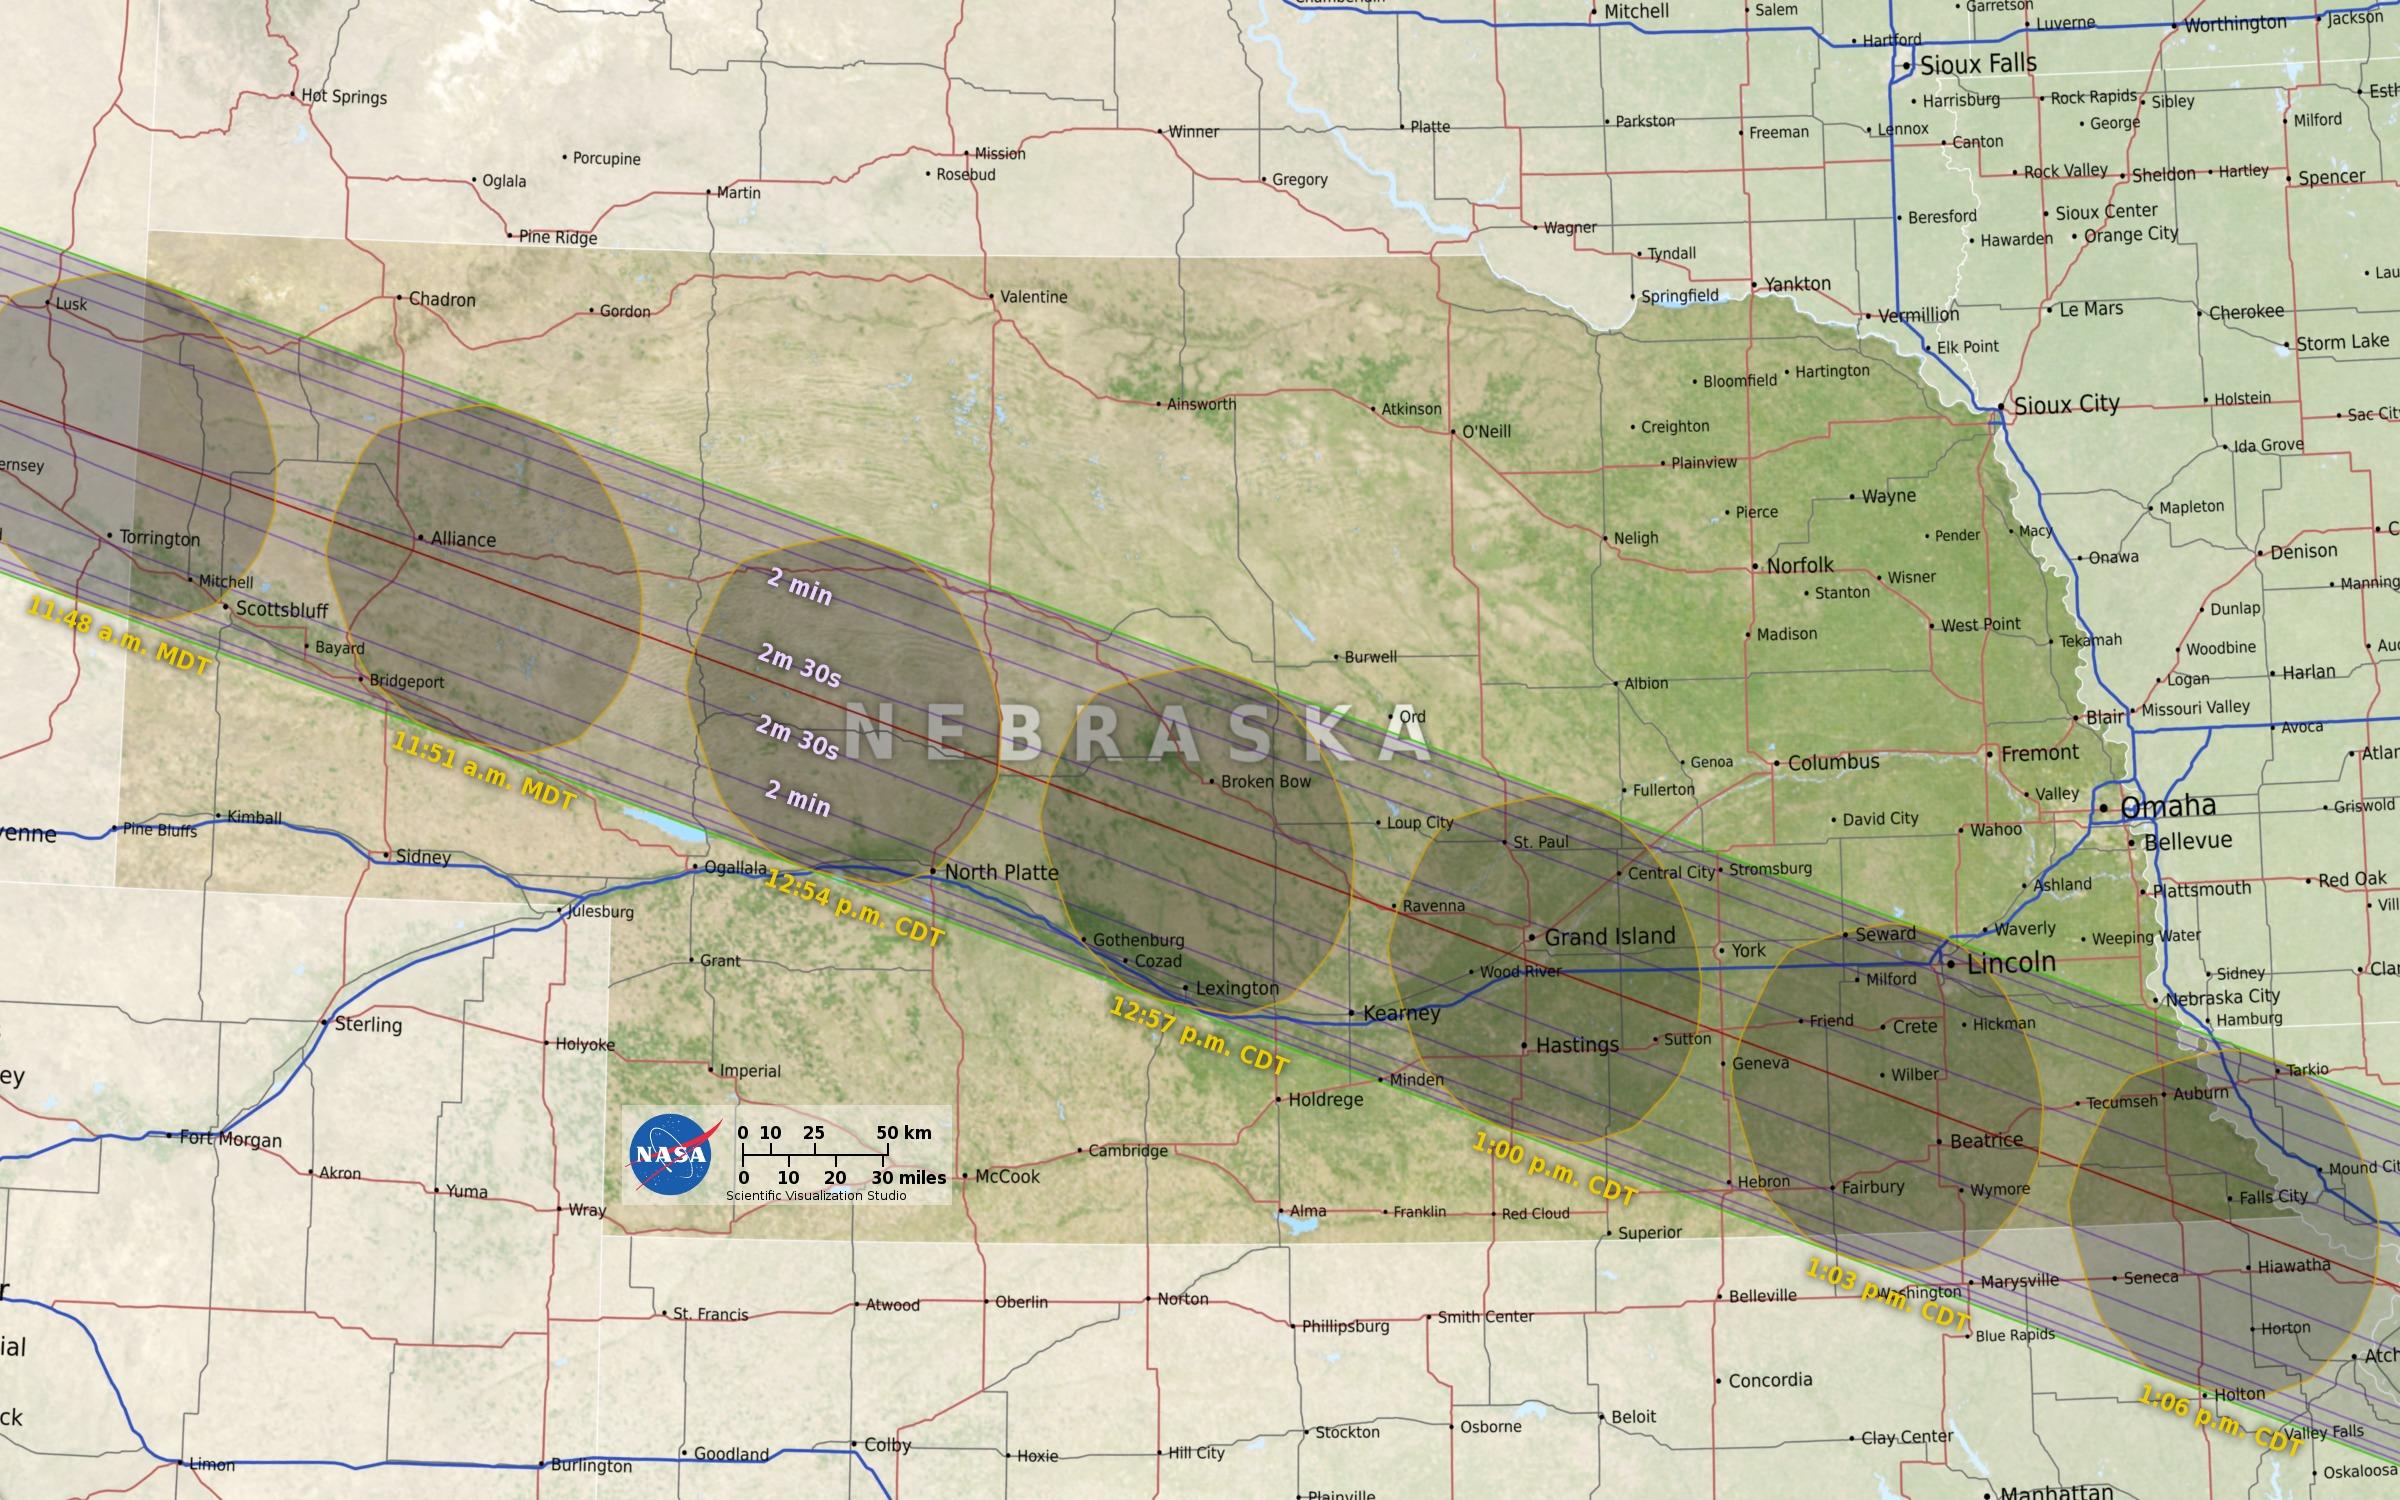 Eclipse 2017 South Dakota SW Minnesota and NW Iowa KELOLAND TV